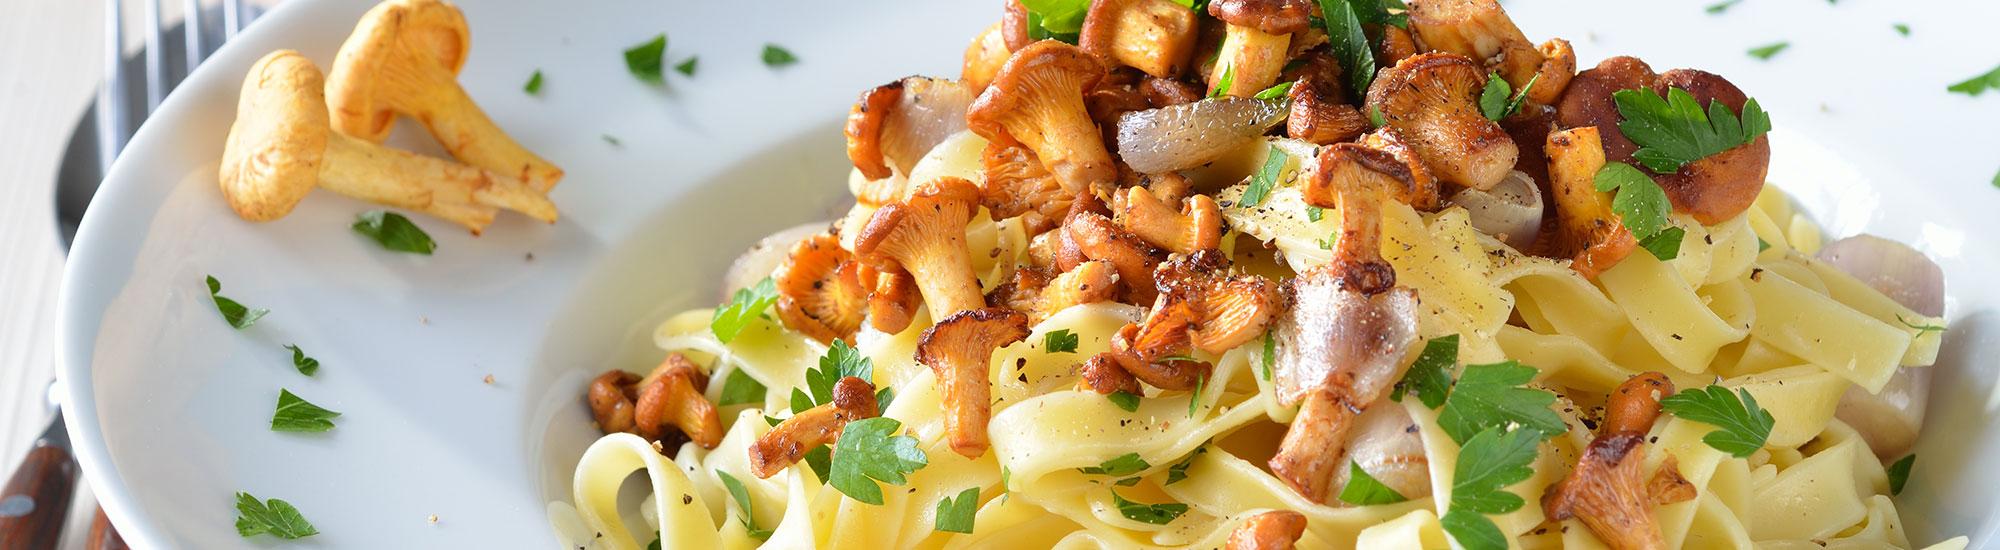 ricetta Tagliatelle con finferli e speck con pasta fresca